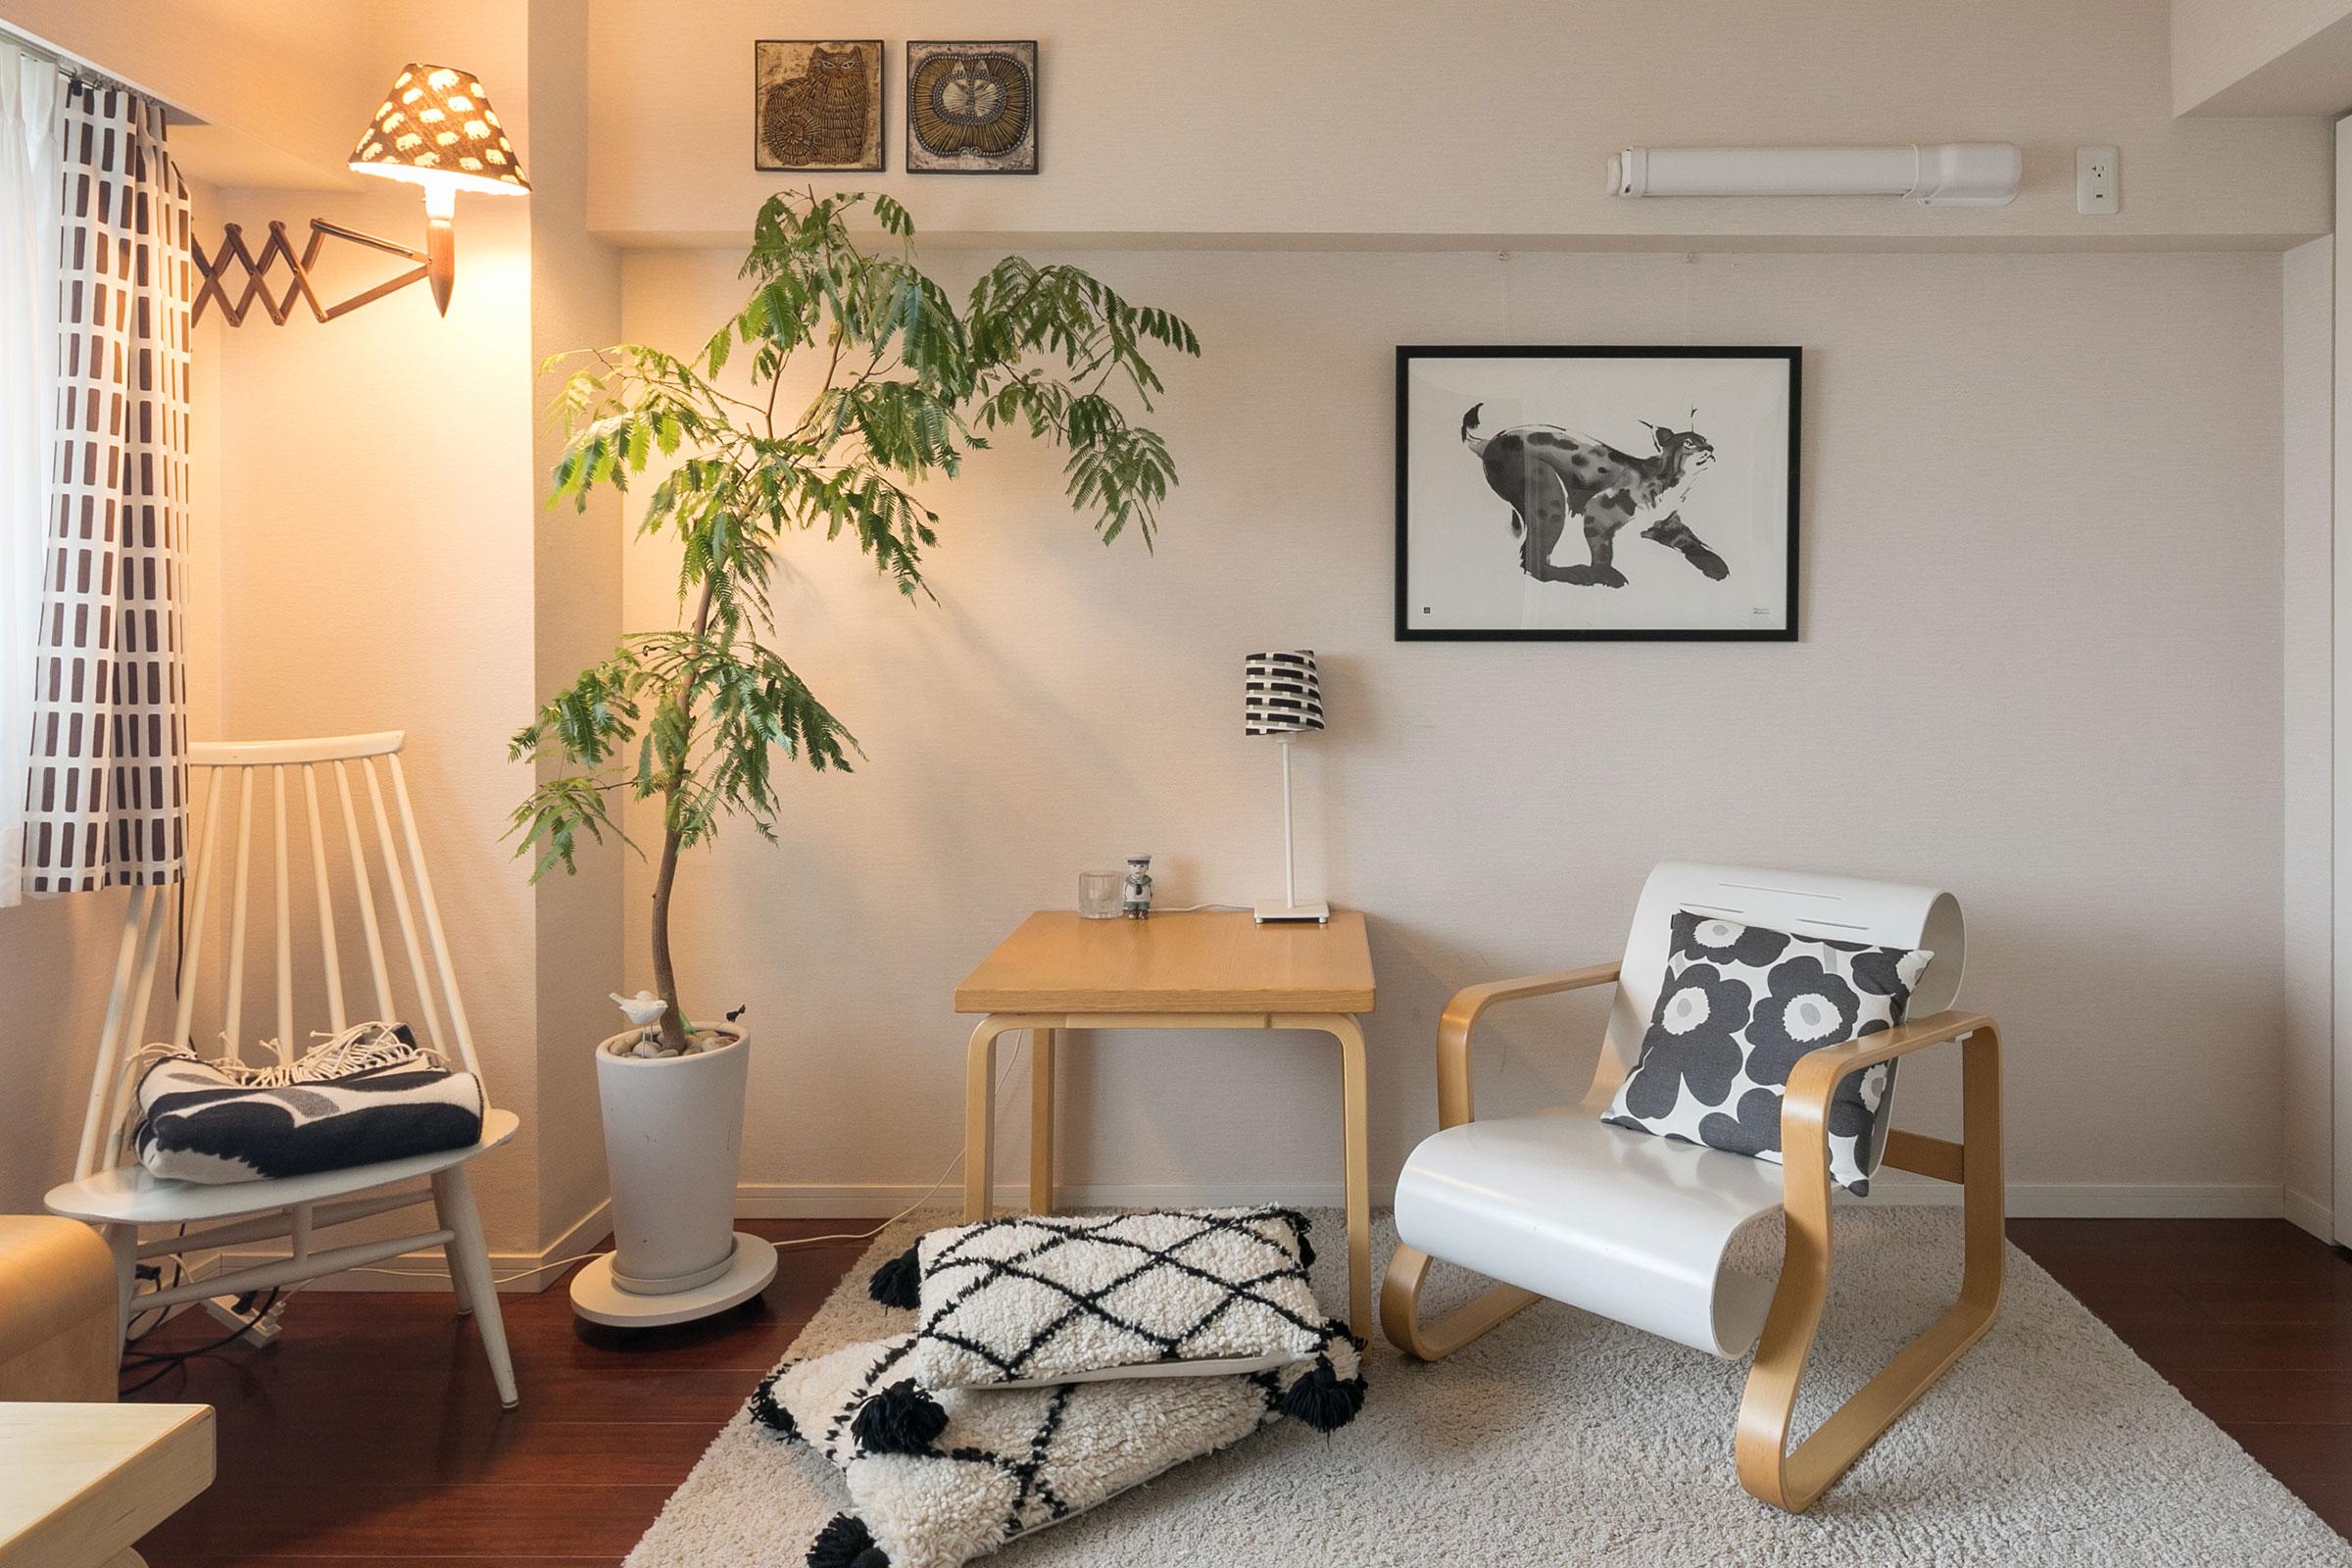 山猫のポスターはフィンランドの作家のTeemu Jarvi。ベニワレンのクッションがキュート。